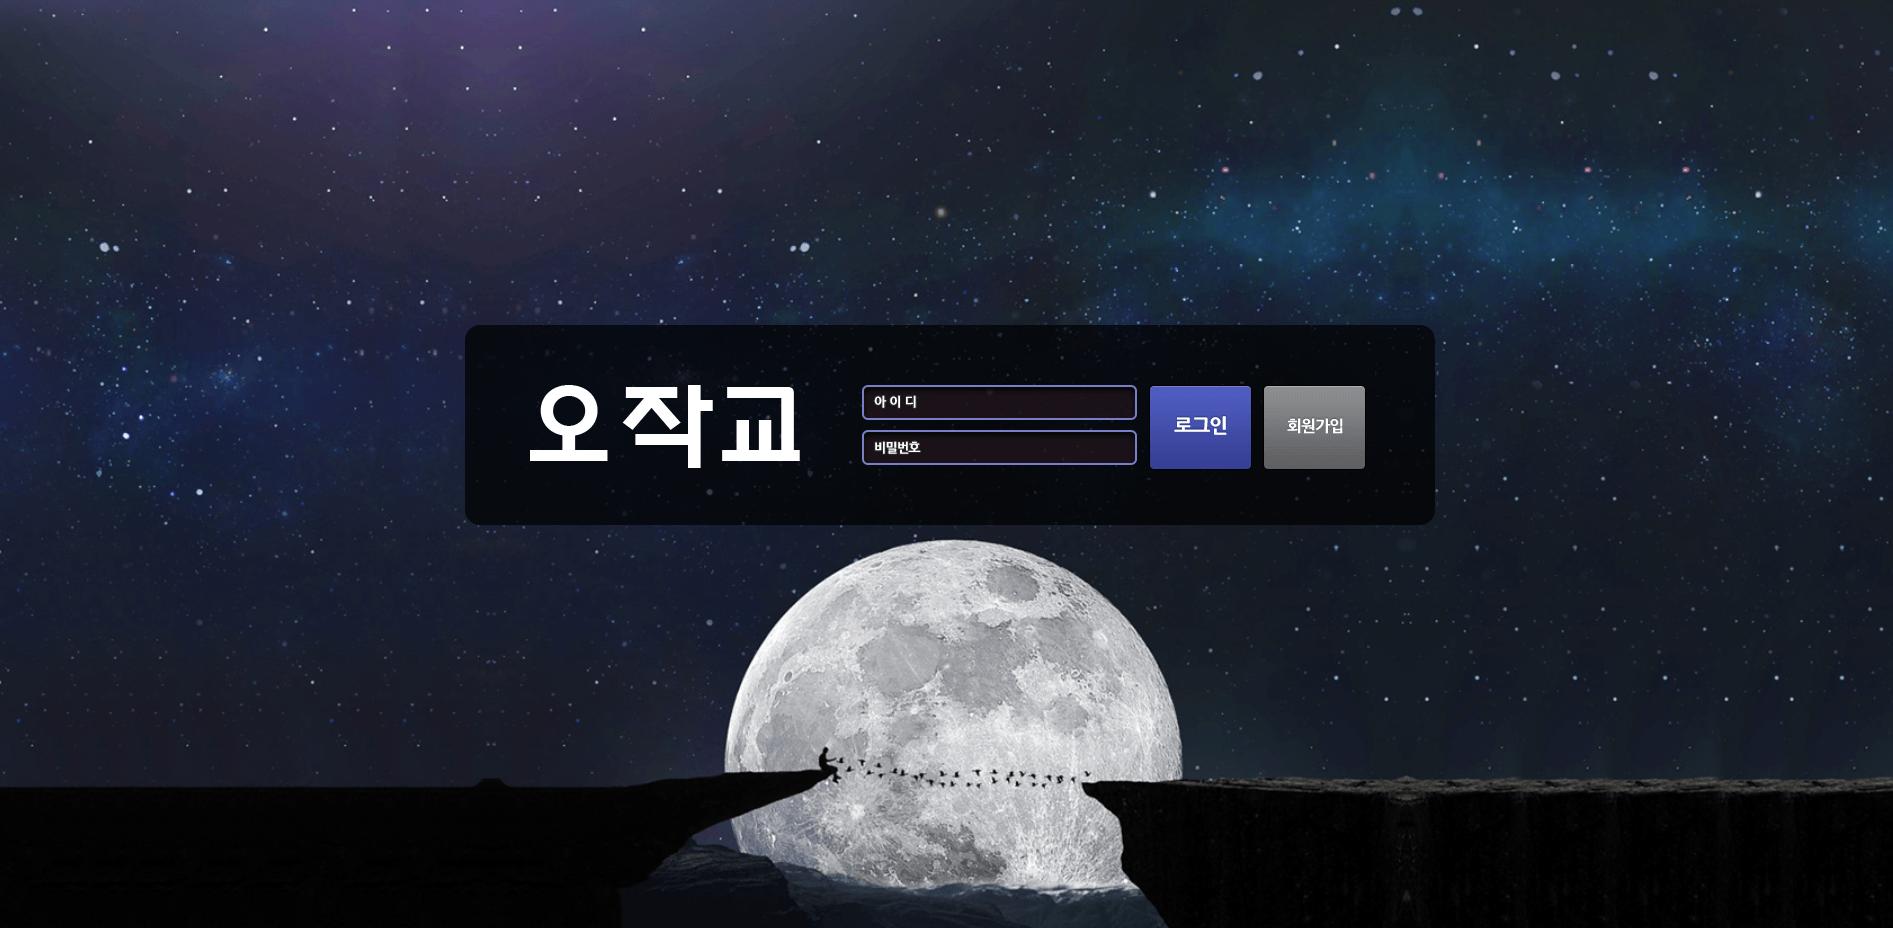 [먹튀검증]오작교 oja-co.com 먹튀사이트 확정 토토사이트 먹튀검증업체 토토안내소